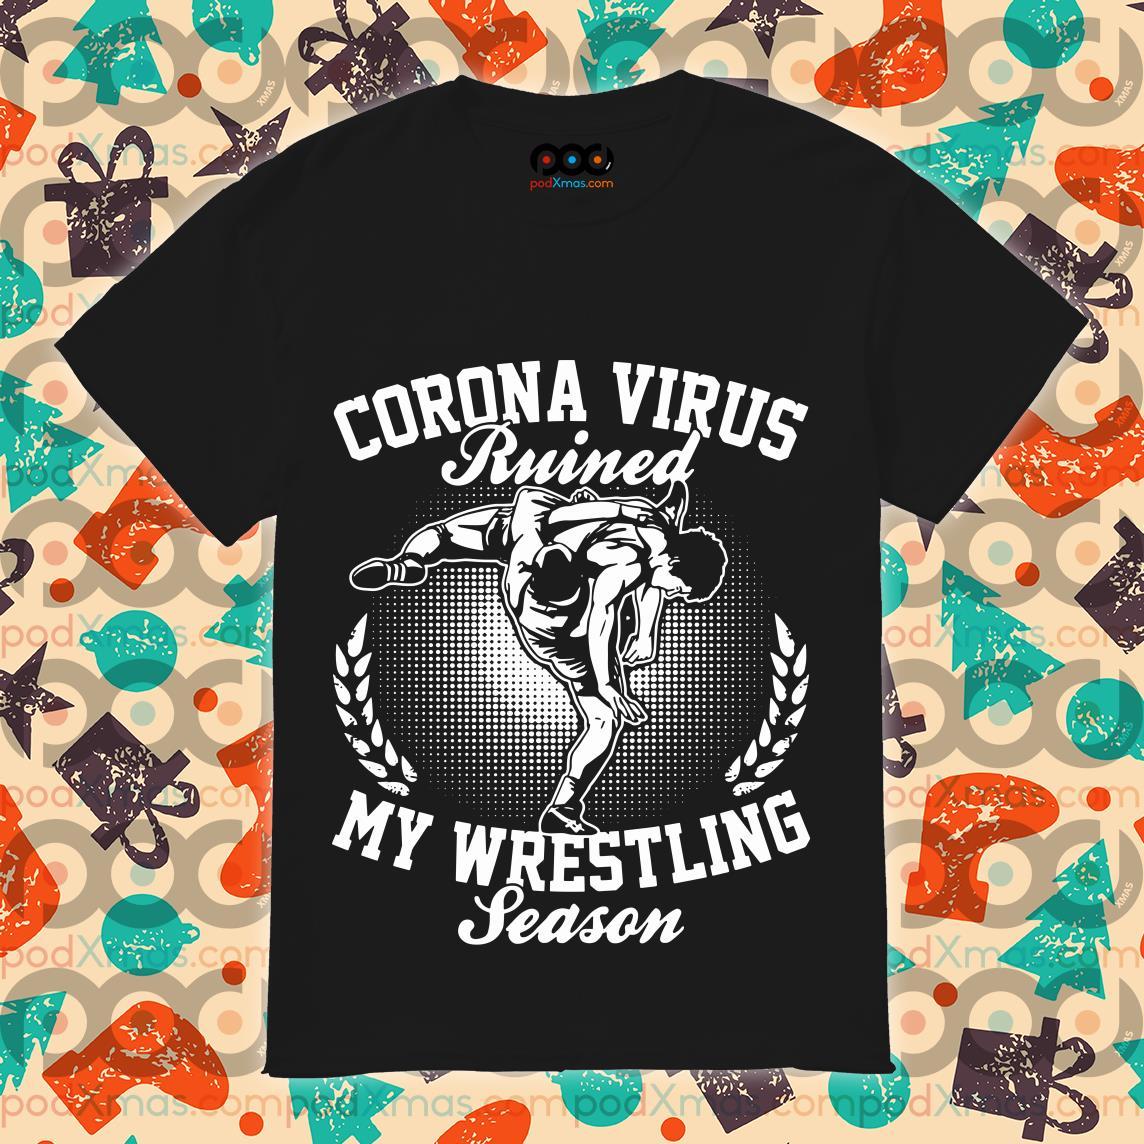 Coronavirus Ruined my wrestling season T-shirt